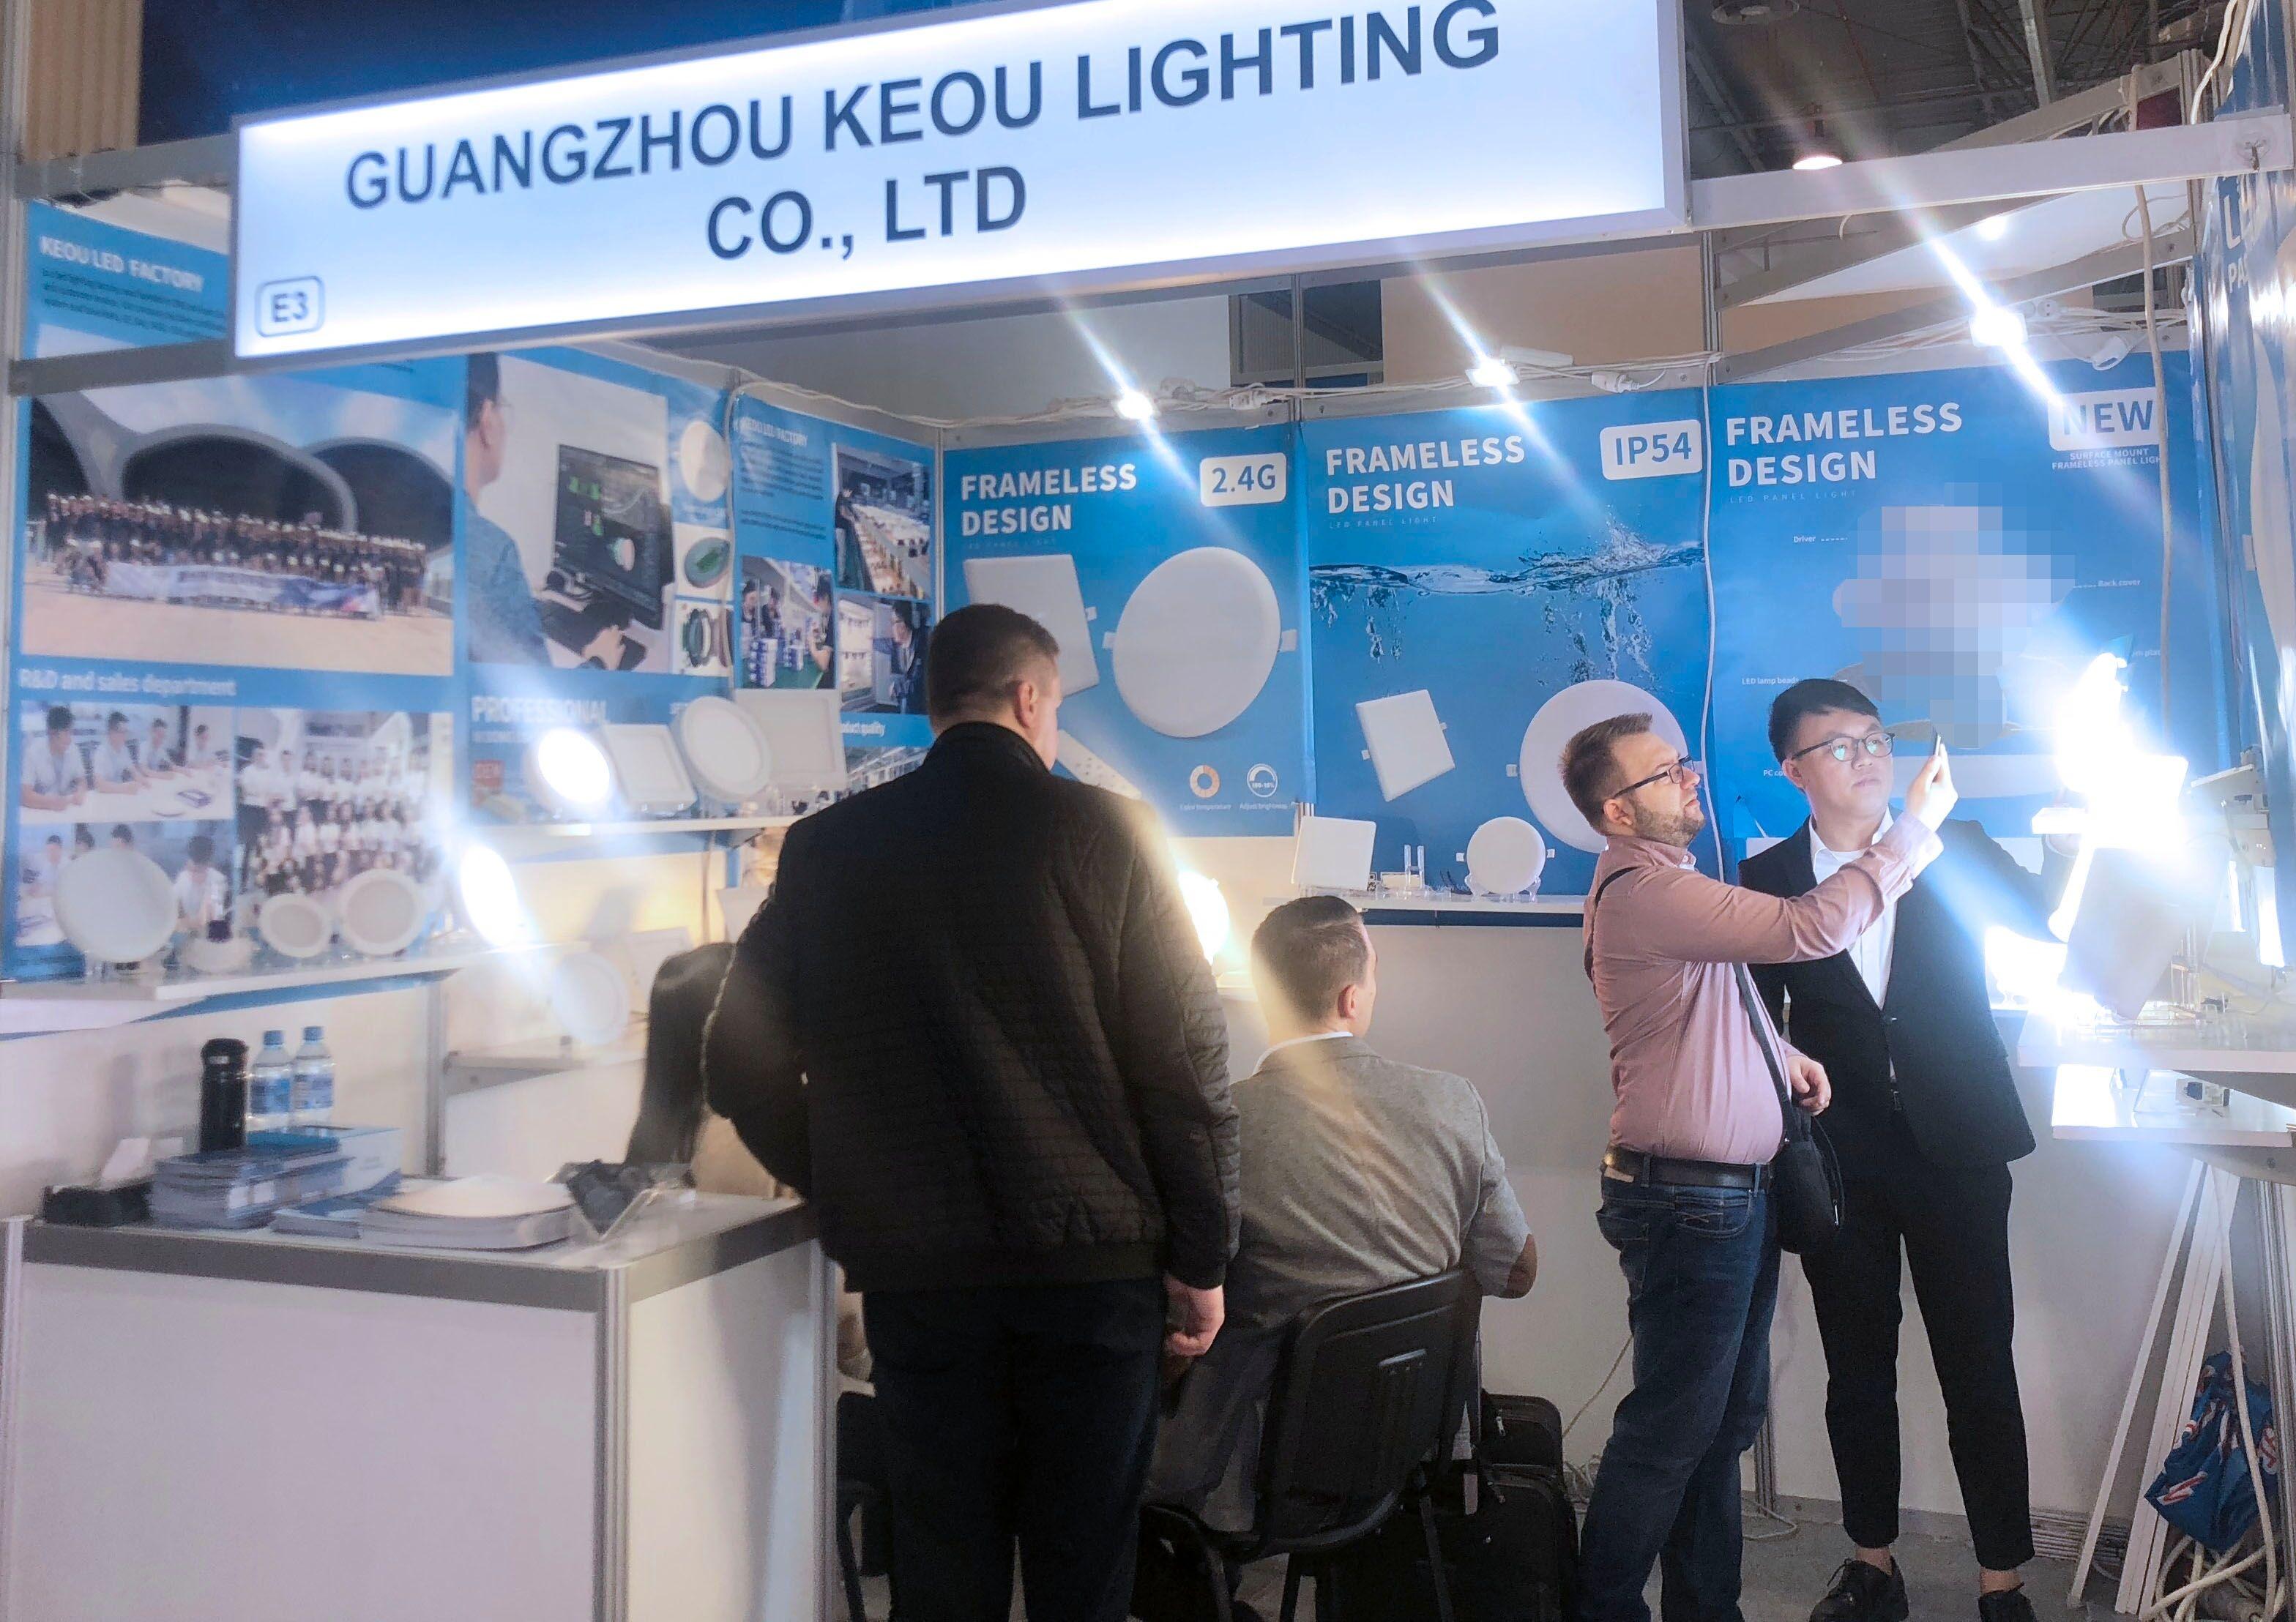 frameless led light factory